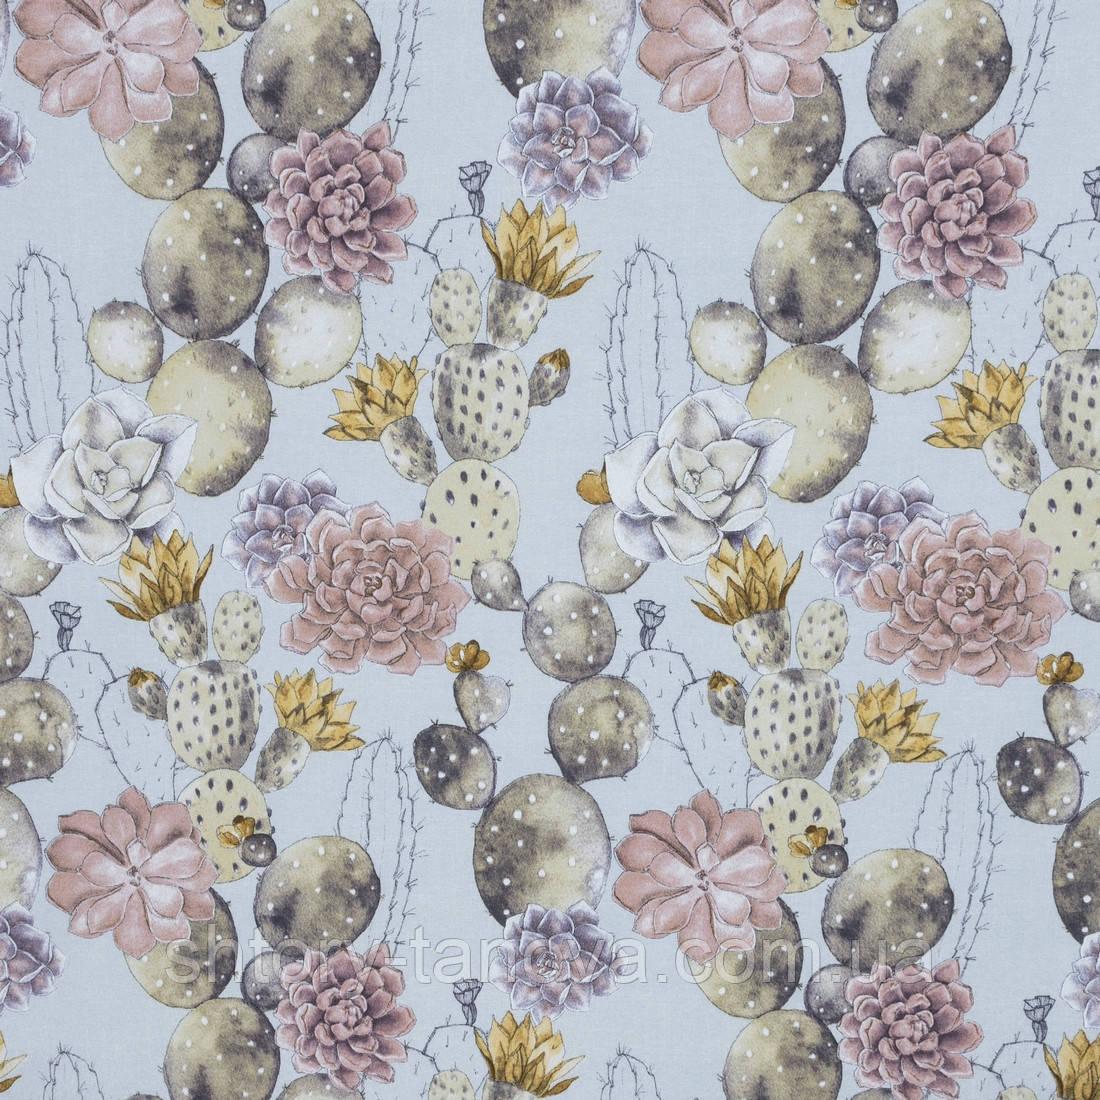 Декоративна тканина лонета эдэн/eden квітучі кактуси ,какао,сіро-жовтий